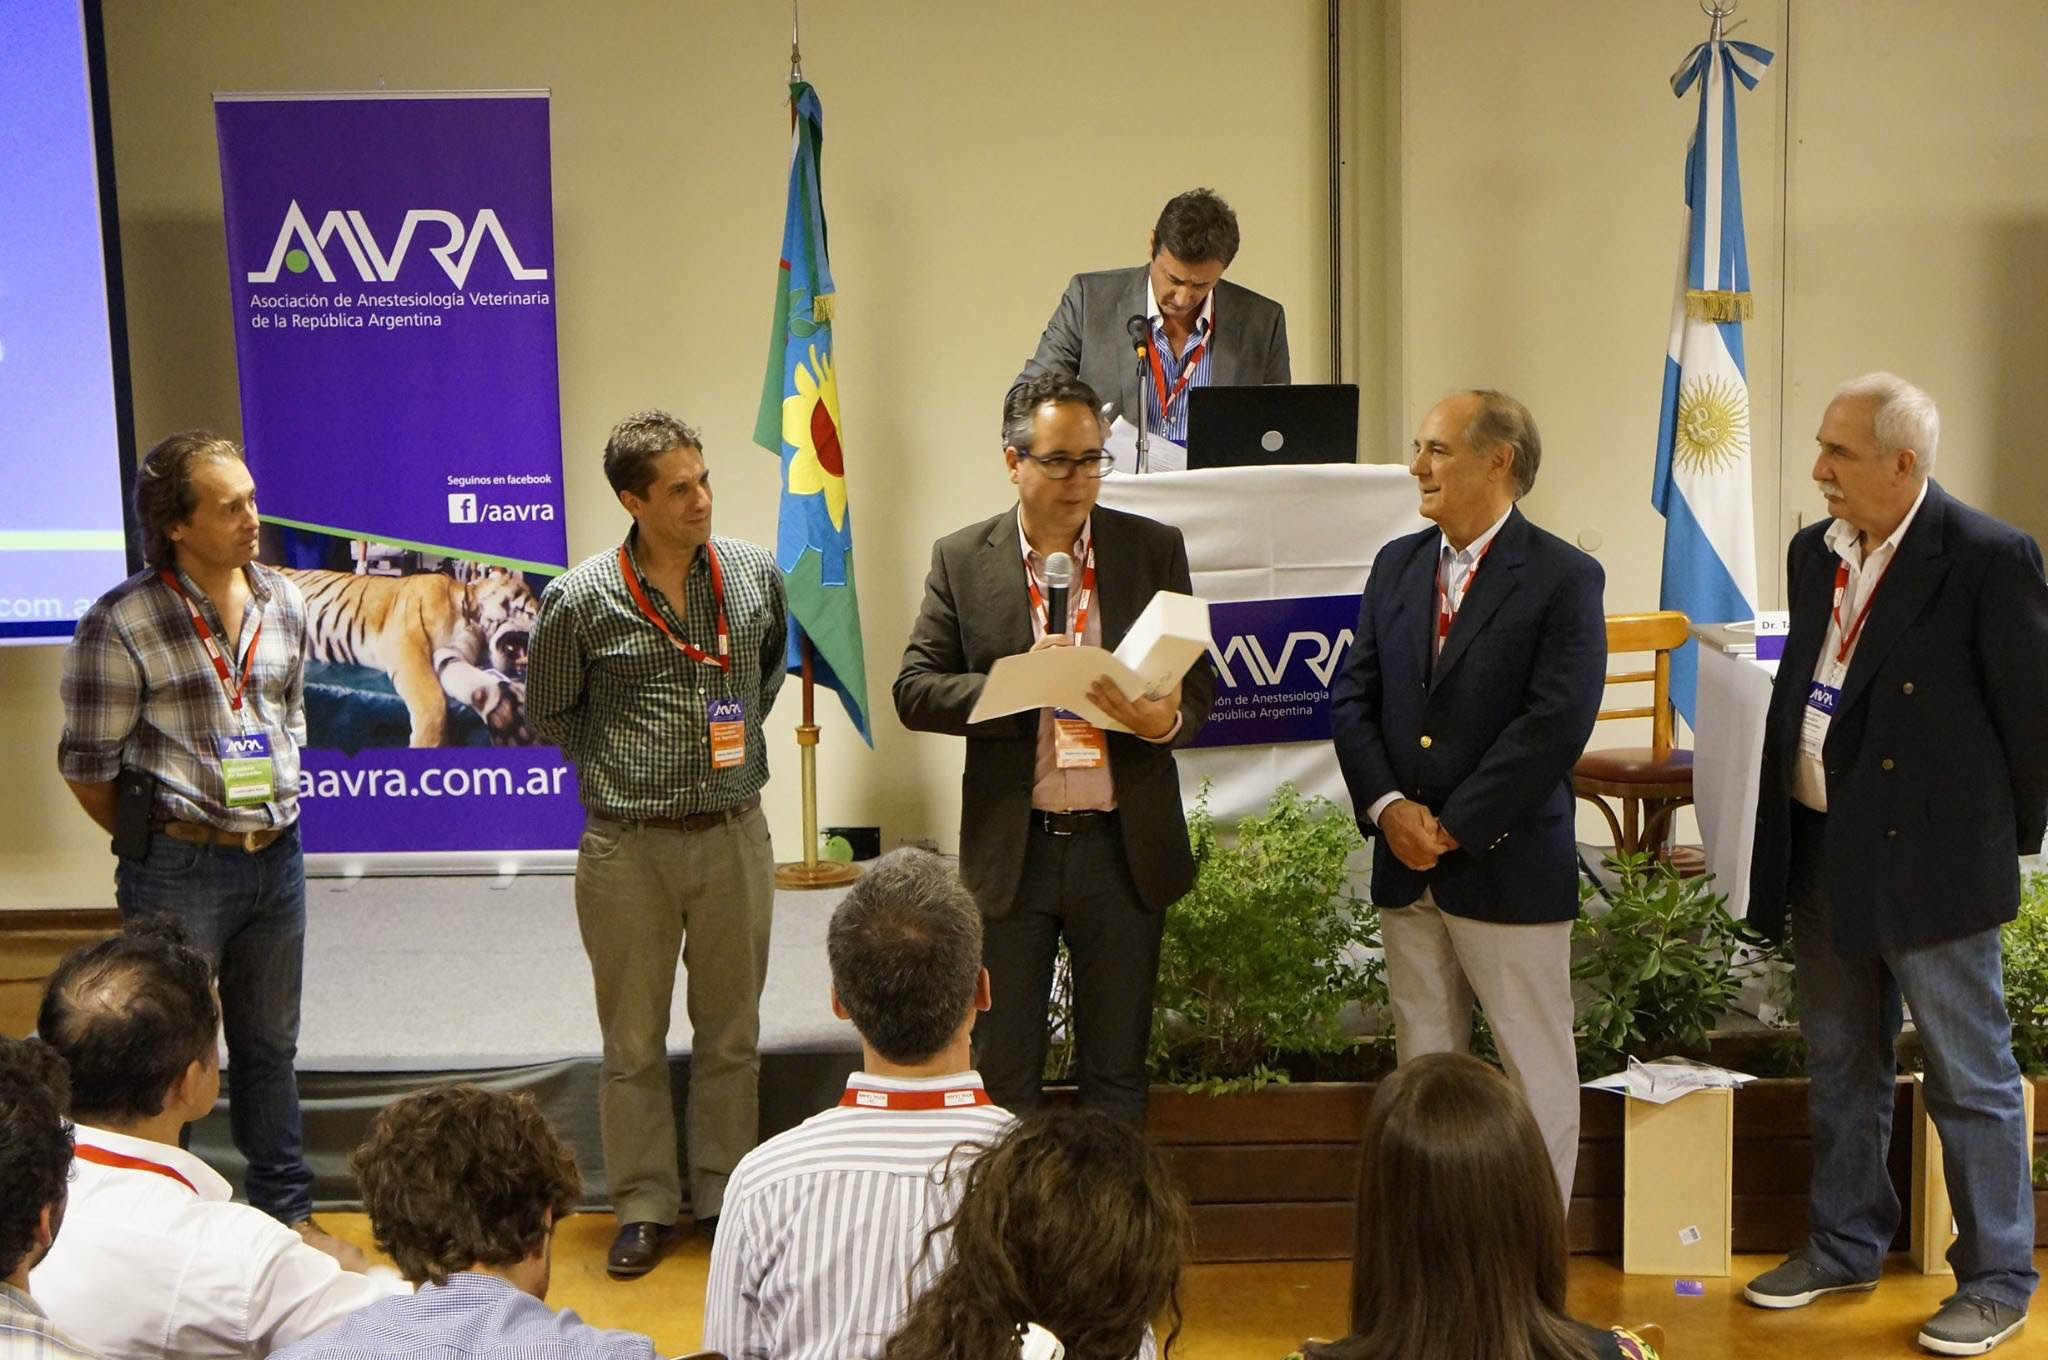 Entrega del reconocimiento como socio de honor de AAVRA al profesor del CEU-UCH José Ignacio Redondo.